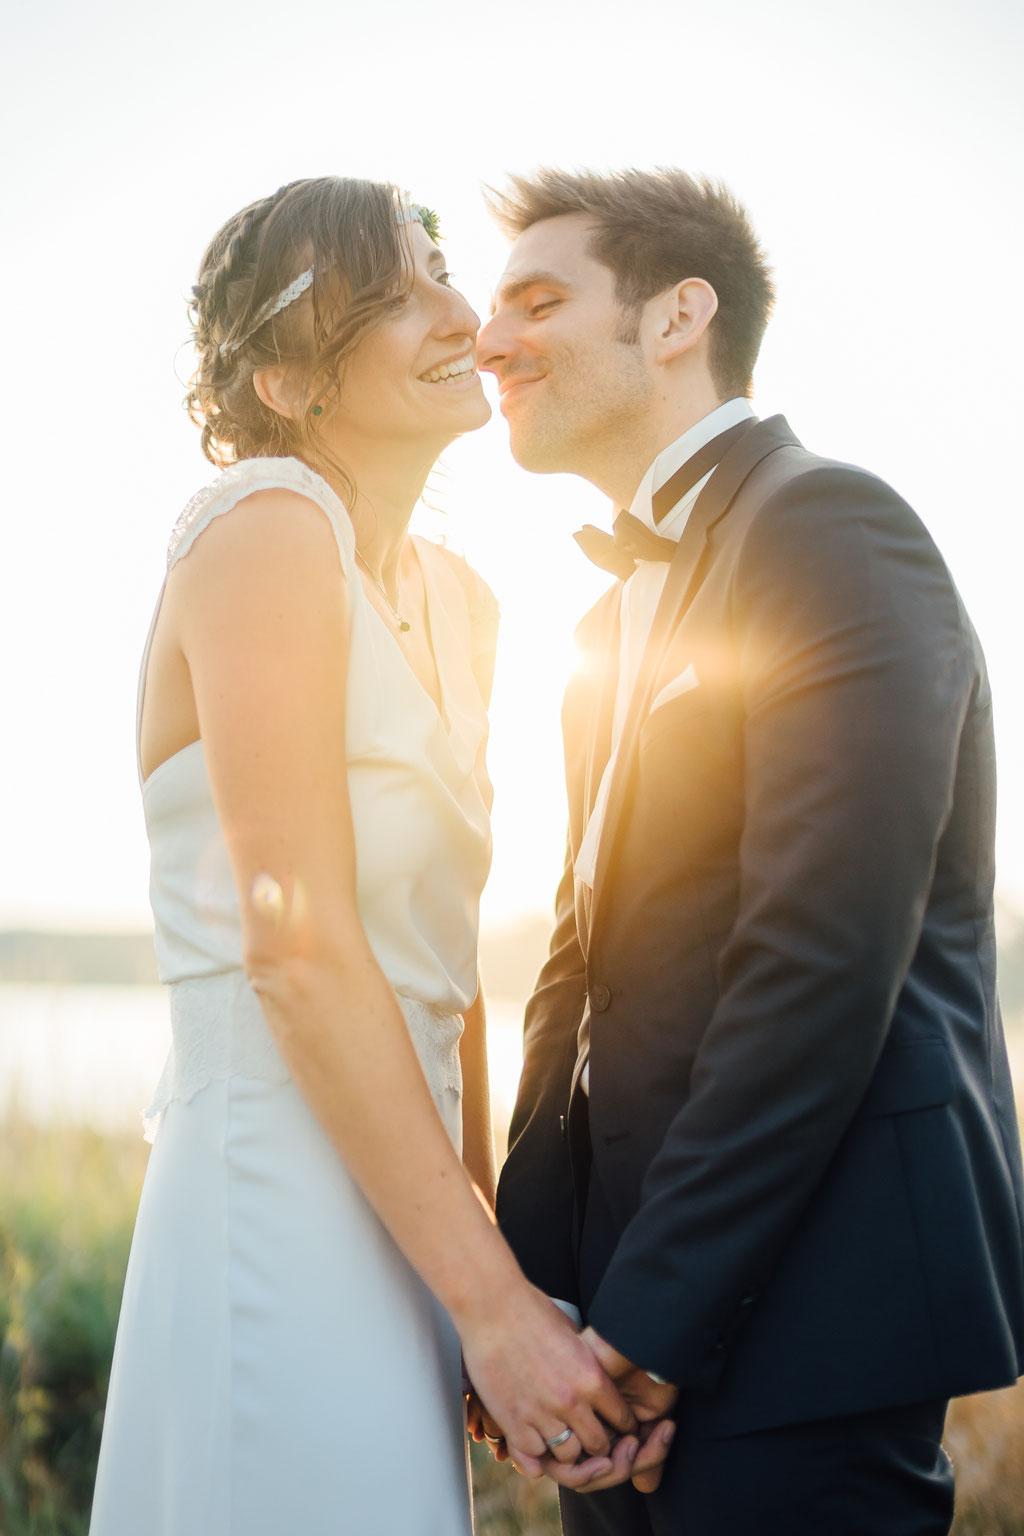 Hochzeitsfotografie Gießen Timo Barwitzki Paar Hochzeit Lachen Glück Kuss Abendsonne Sonnenuntergang